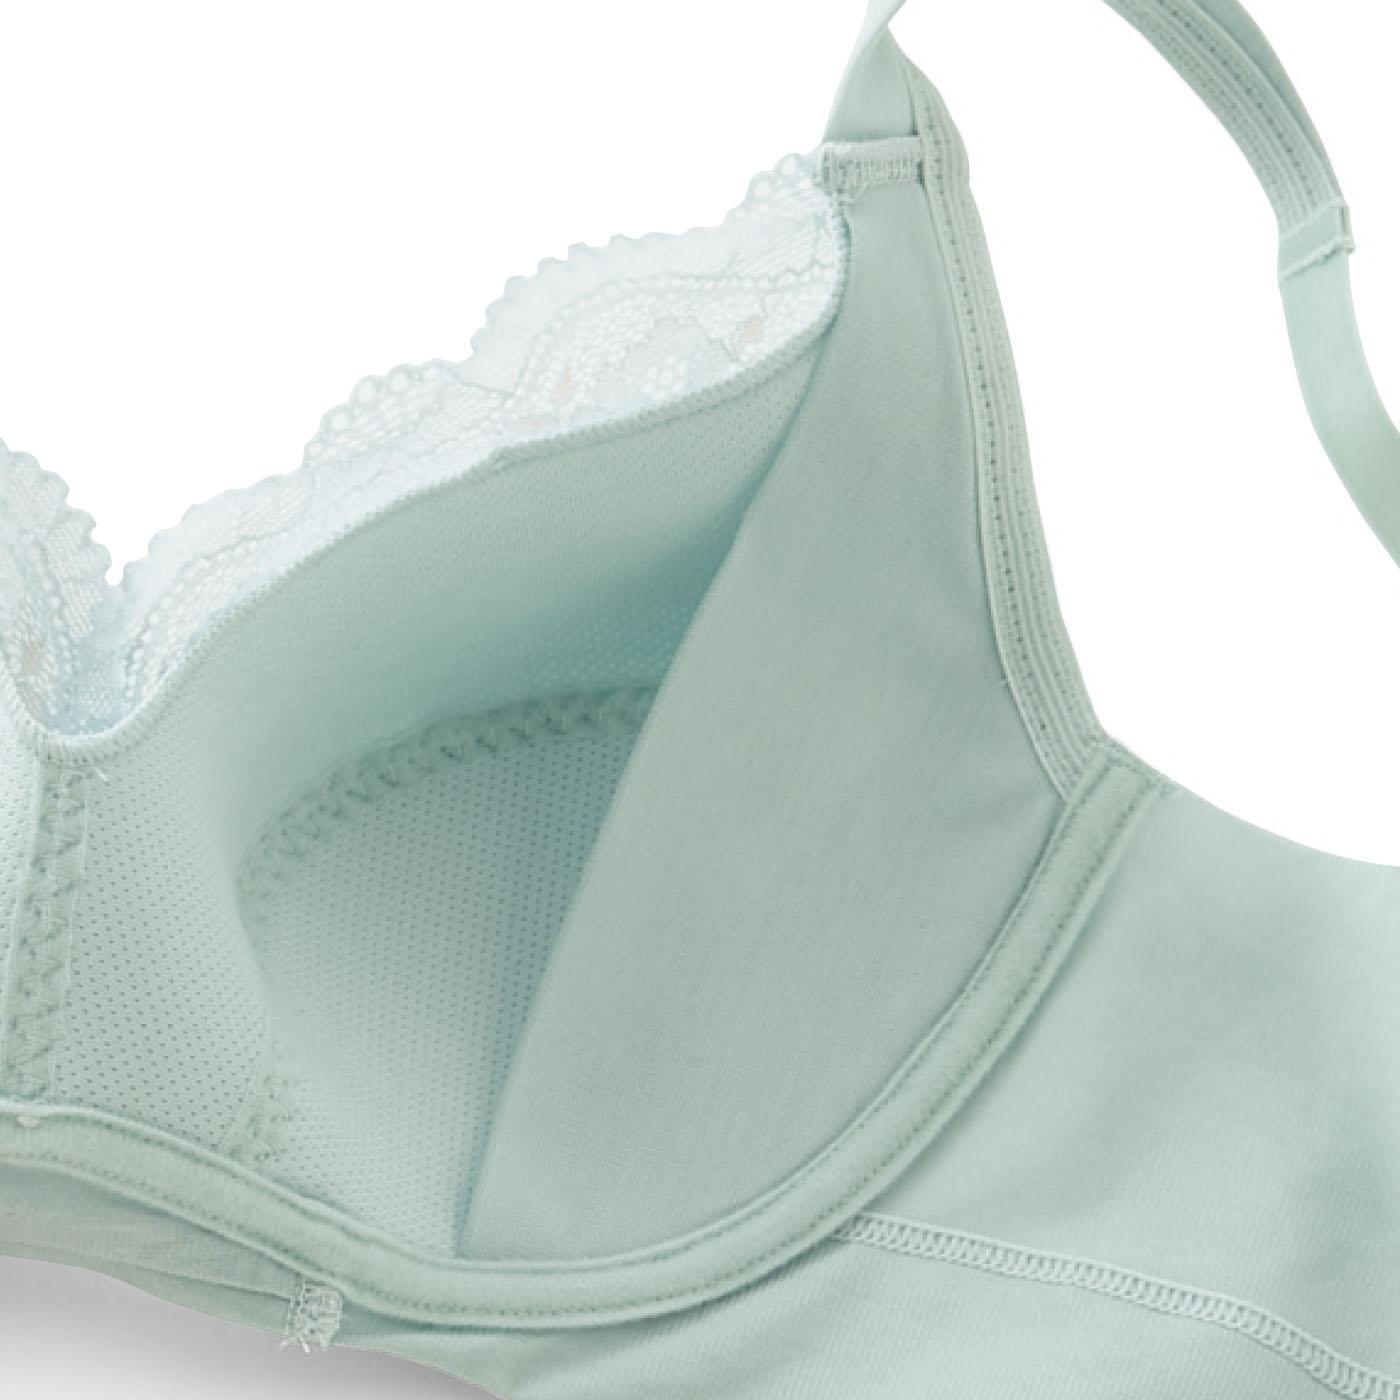 カップ裏の縫い目のない綿混パネルが肌当たりよくバストを整えます。